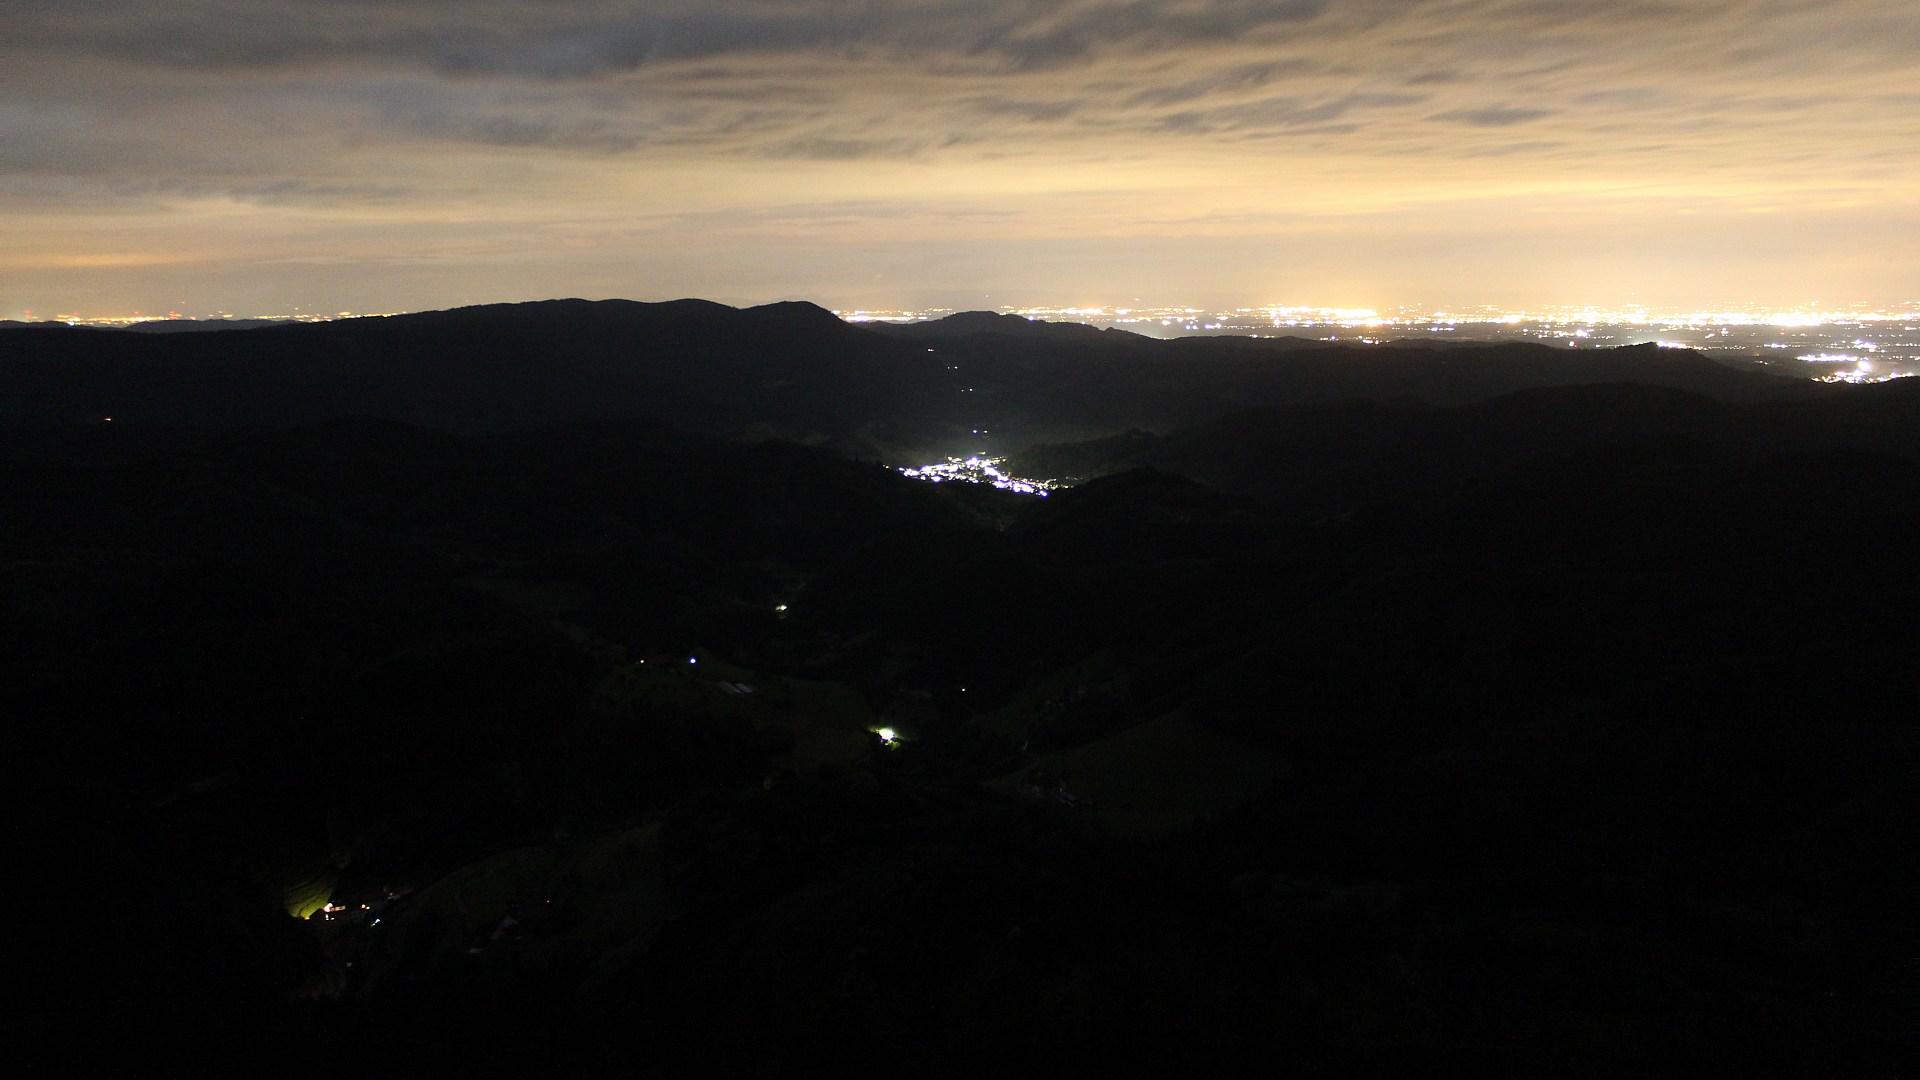 Aufnahme: Buchkopfturm vom 03.07.2020 00:30